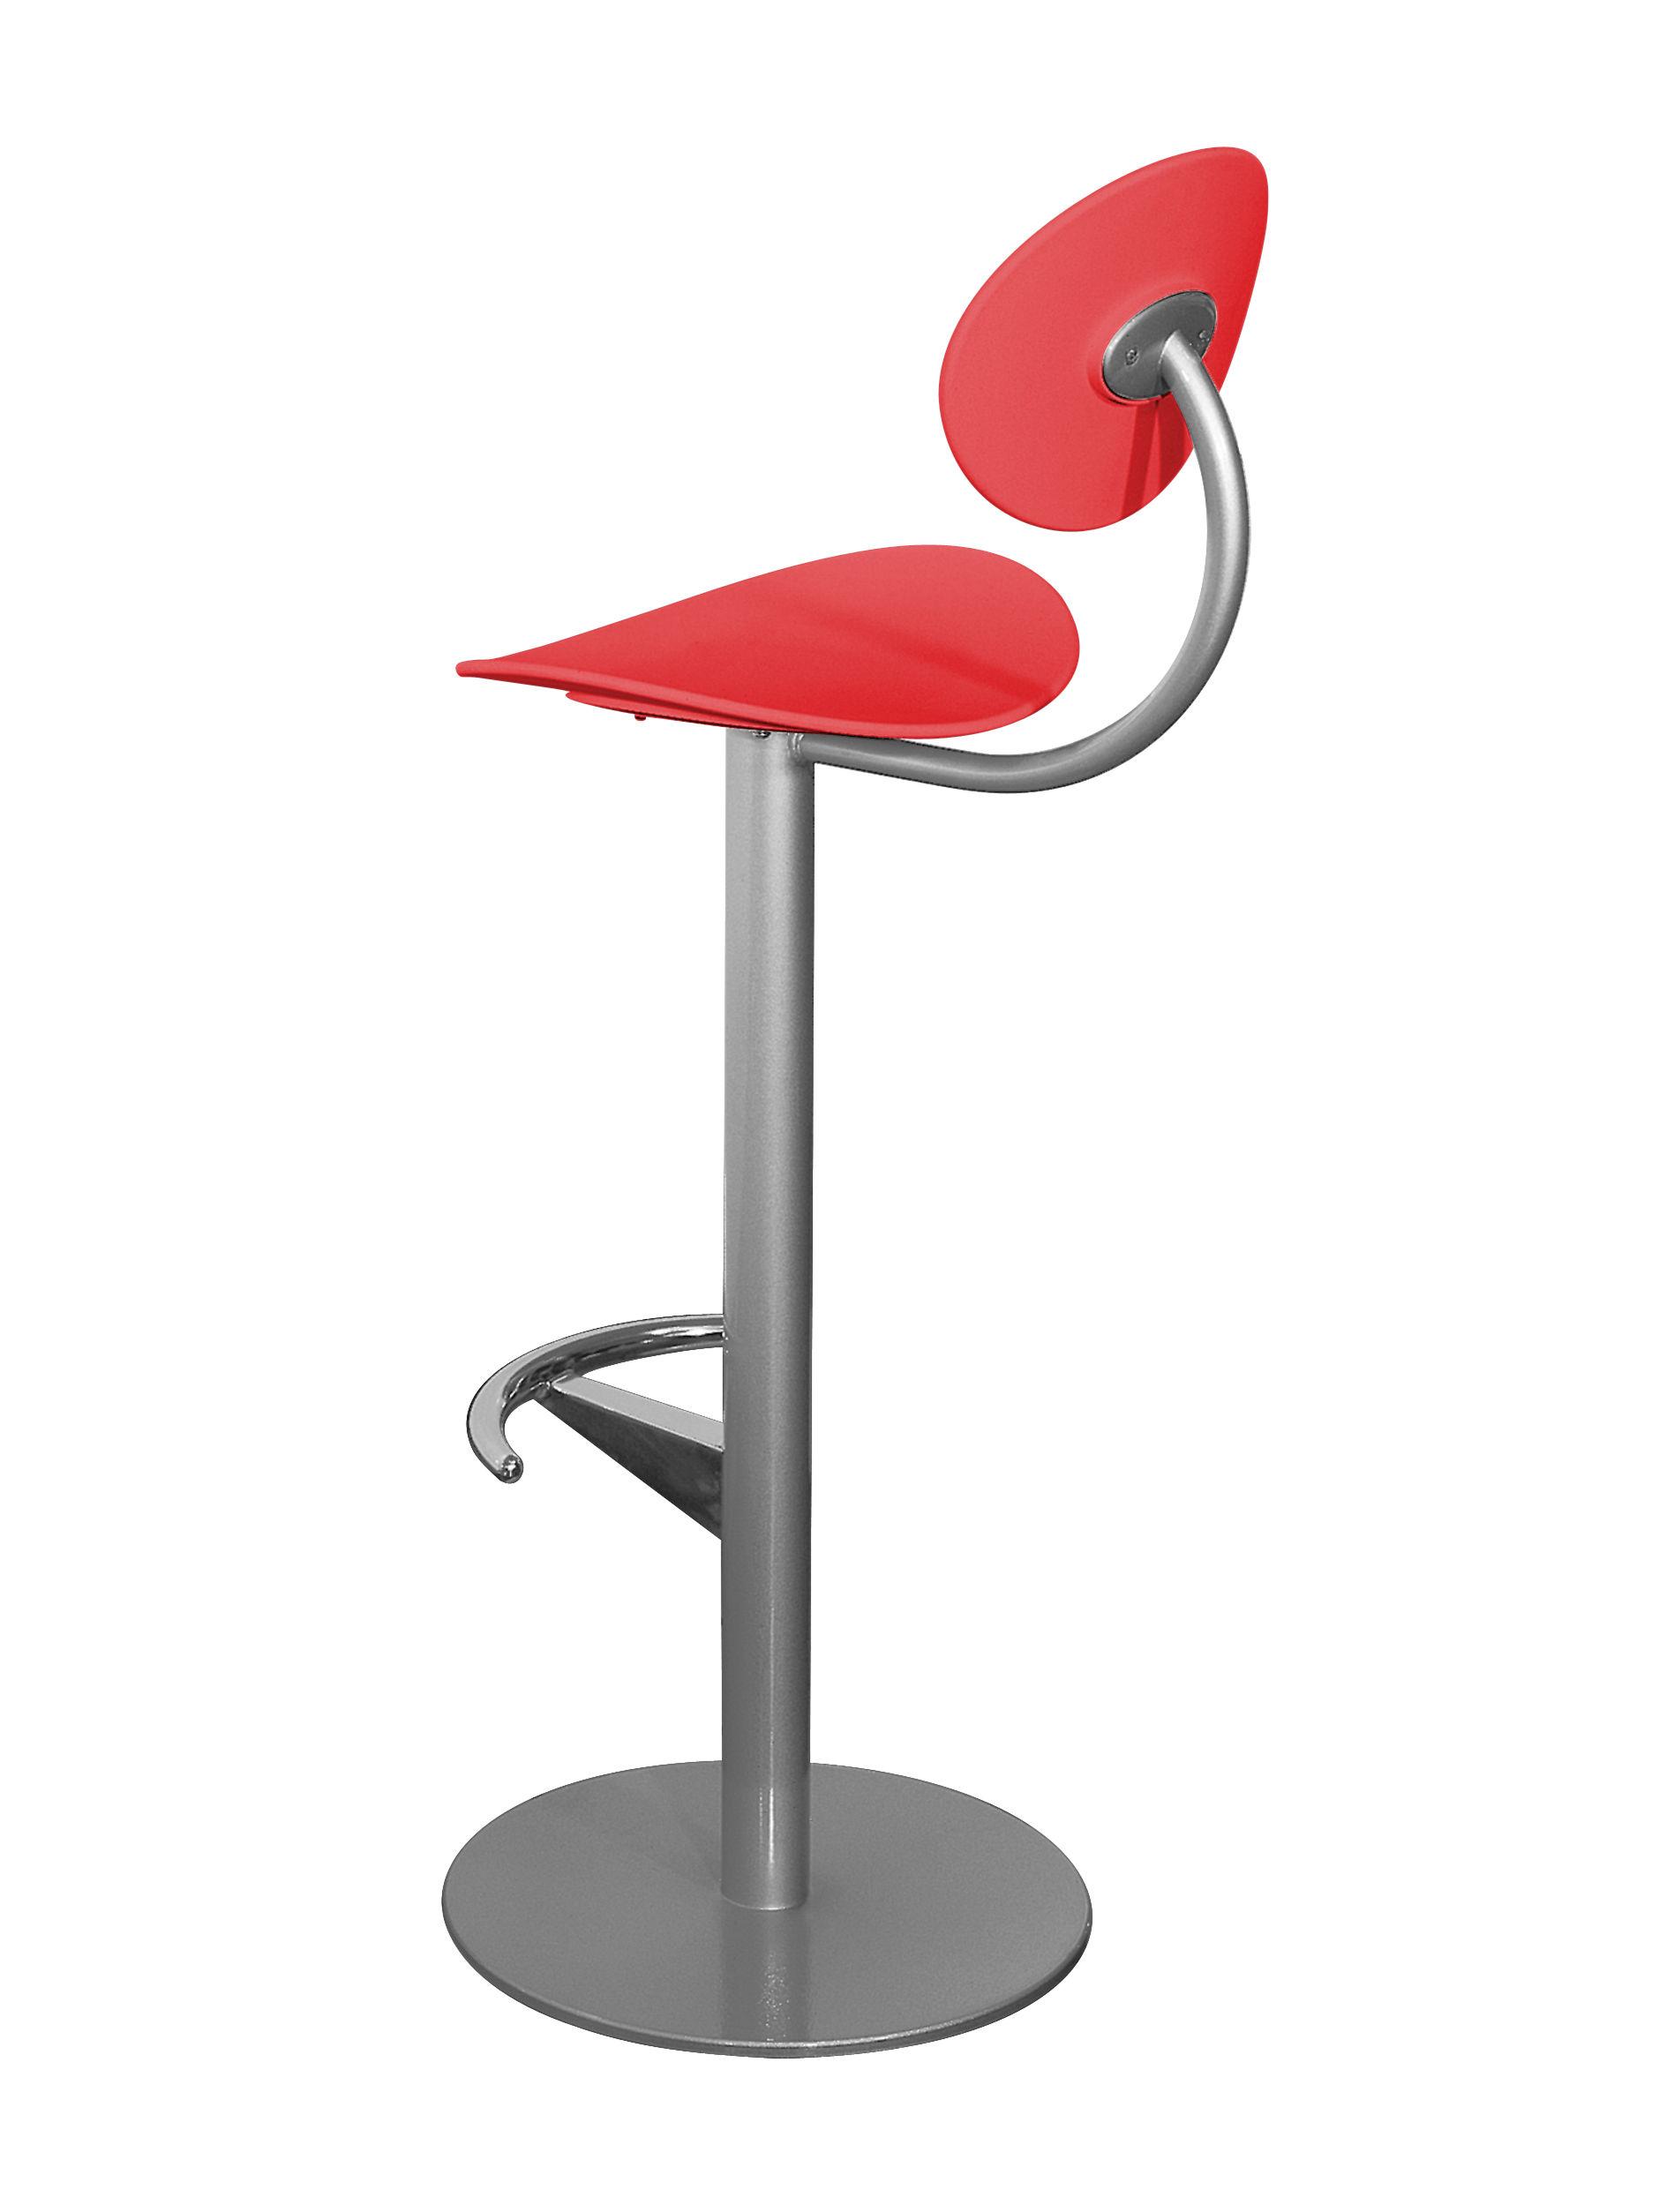 Mobilier - Tabourets de bar - Chaise de bar Coma / H 75 cm - Plastique & métal - Enea - Rouge - Gris aluminium - Acier laqué, Polypropylène